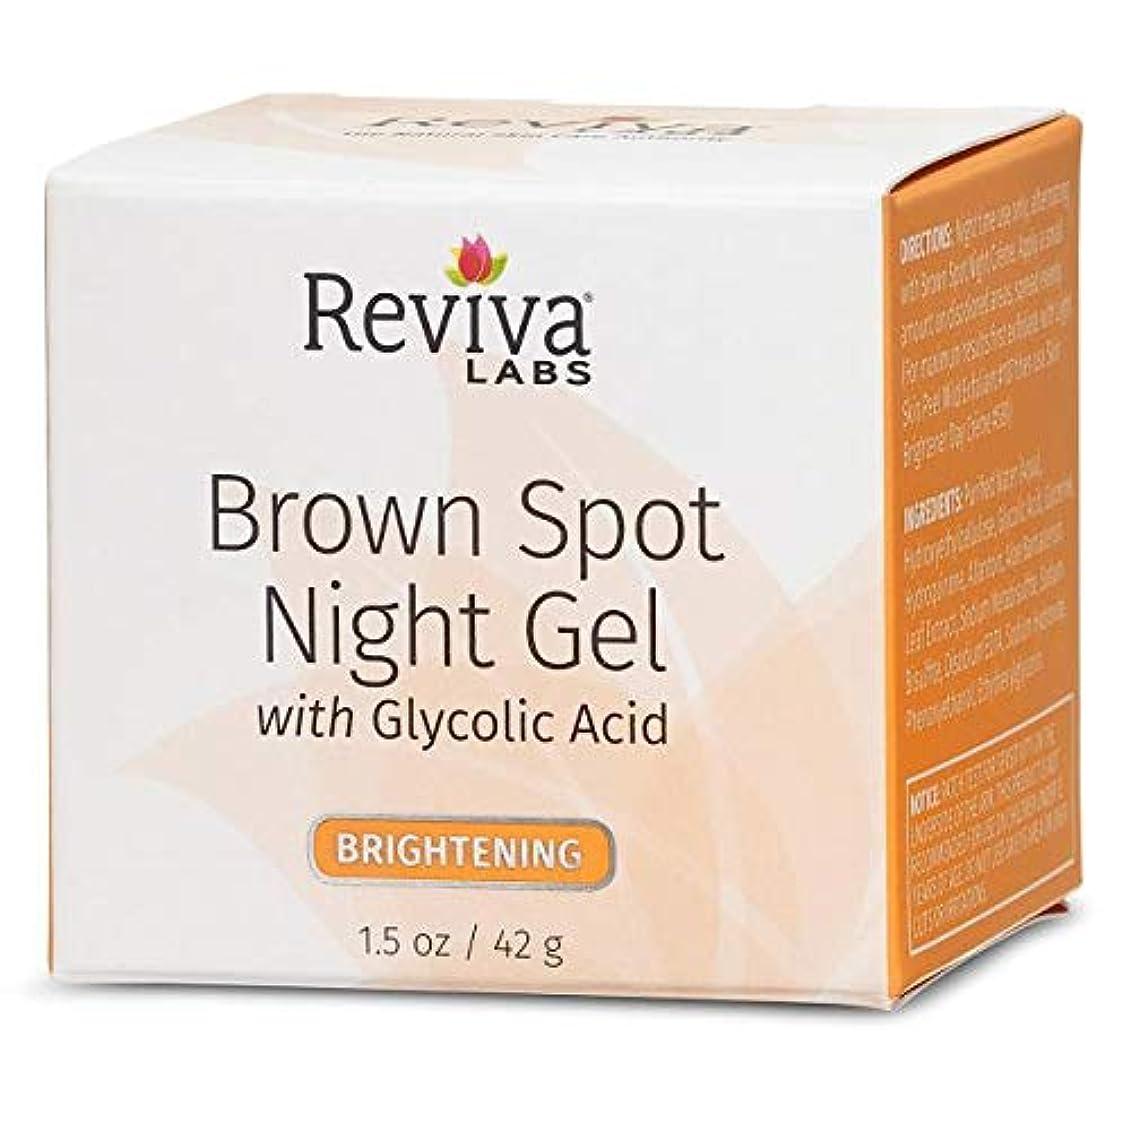 深くトチの実の木熱心ブラウンスポット ナイトジェル グリコール酸入り 1.25oz. REVIVA LABS社製 海外直送品